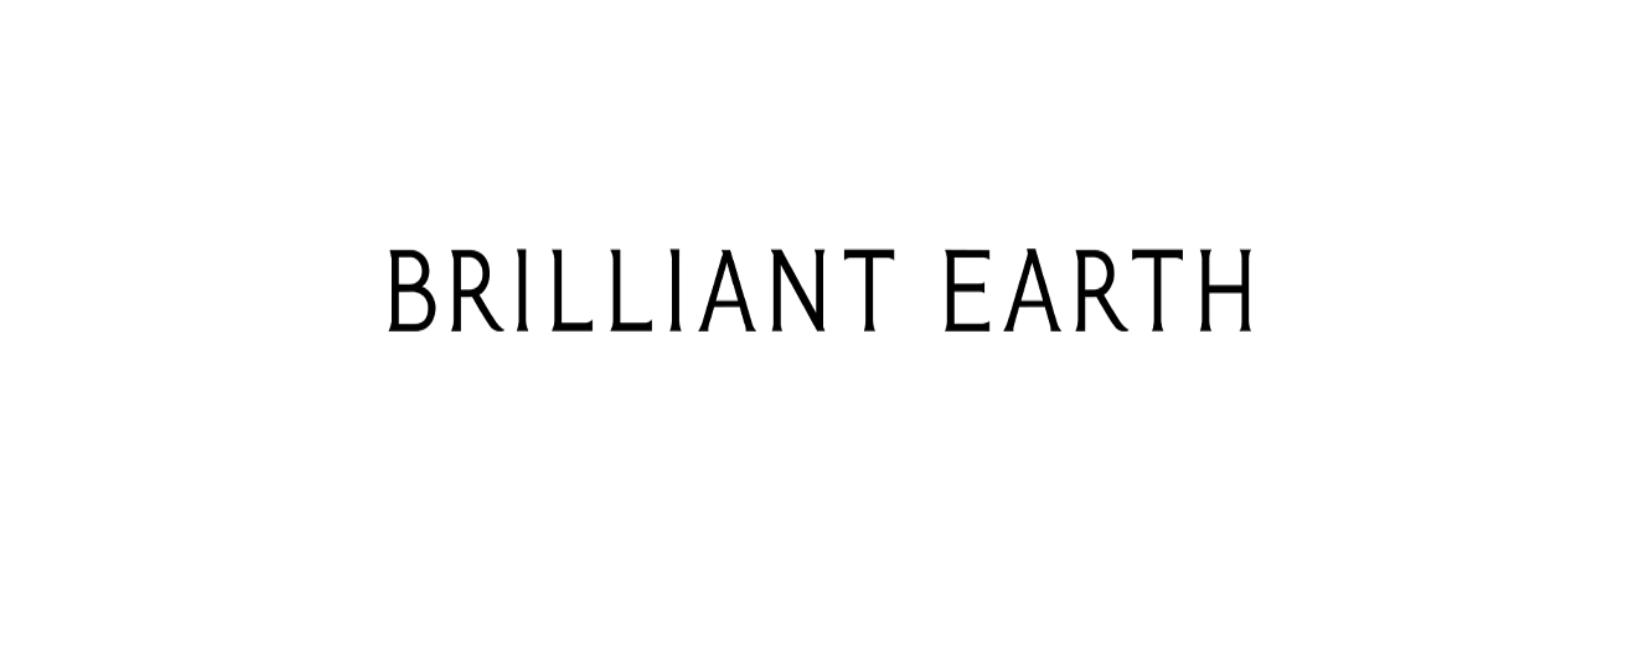 Brilliant Earth Discount Code 2021